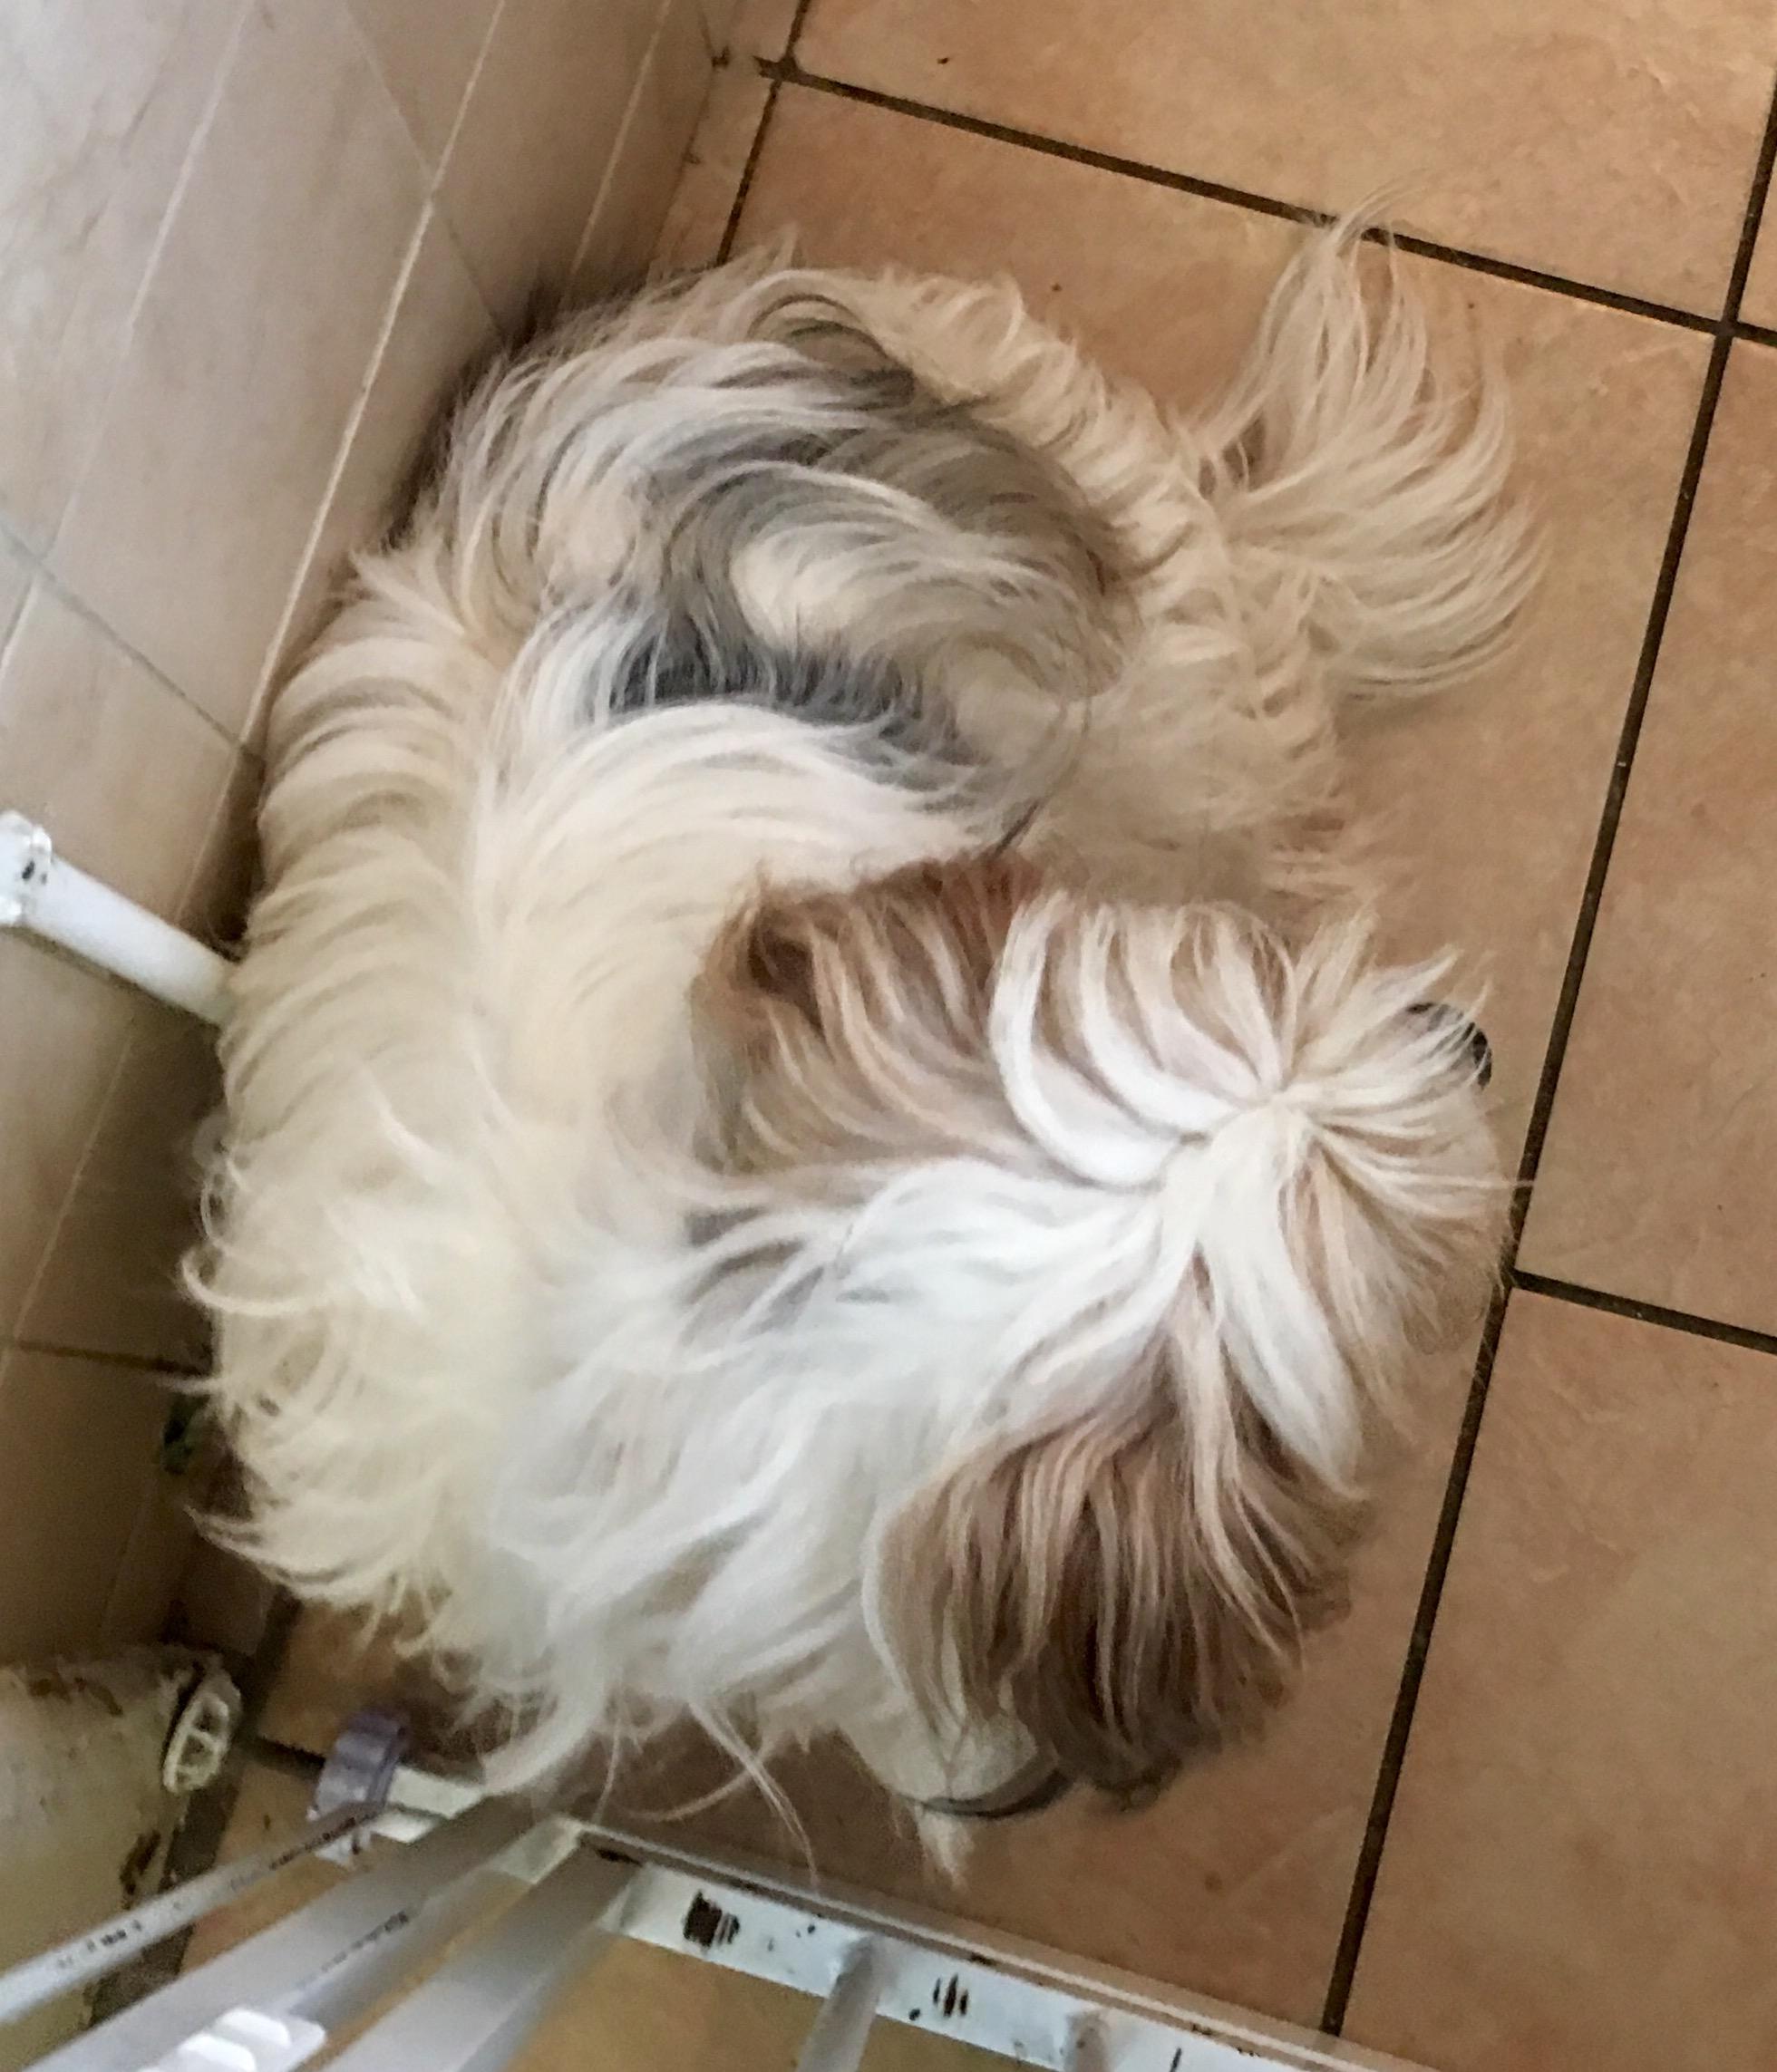 New rescue dog in Heronbank - Heronbank Cavaliers